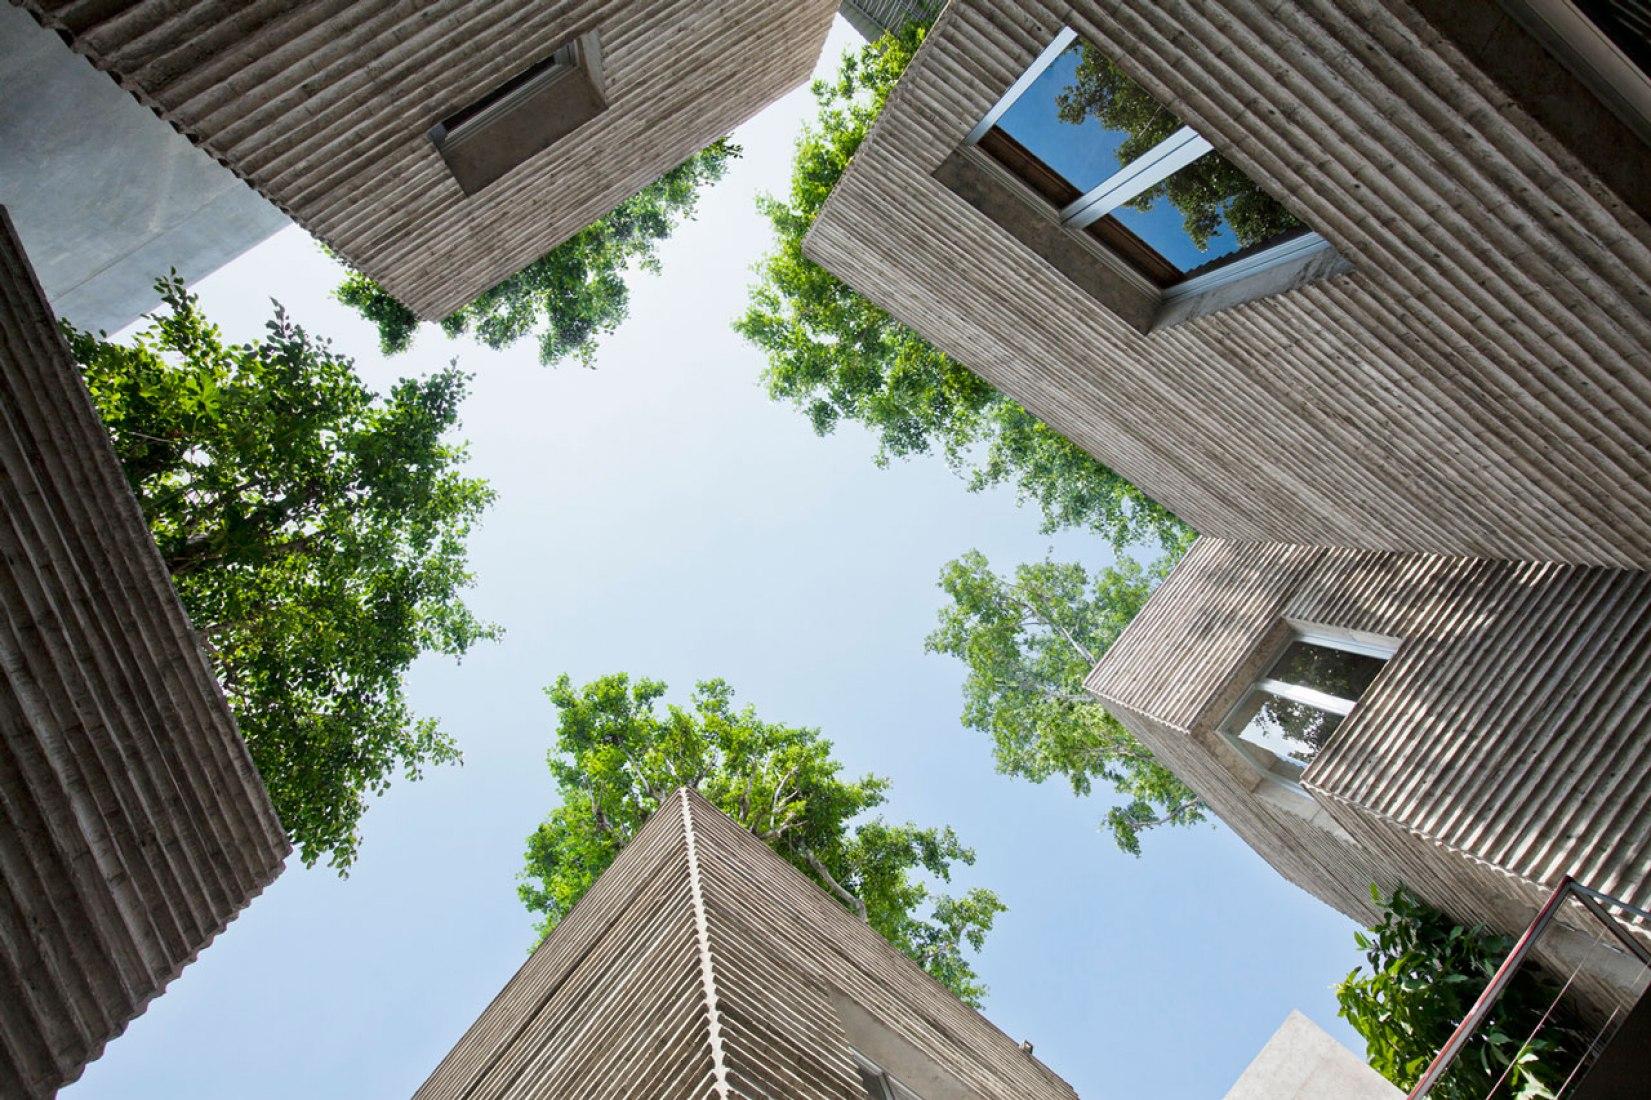 Vista desde abajo hacia los árboles. Casa para los árboles por  Vo Trong Nghia Arquitectos. Fotografía © Hiroyuki Oki.